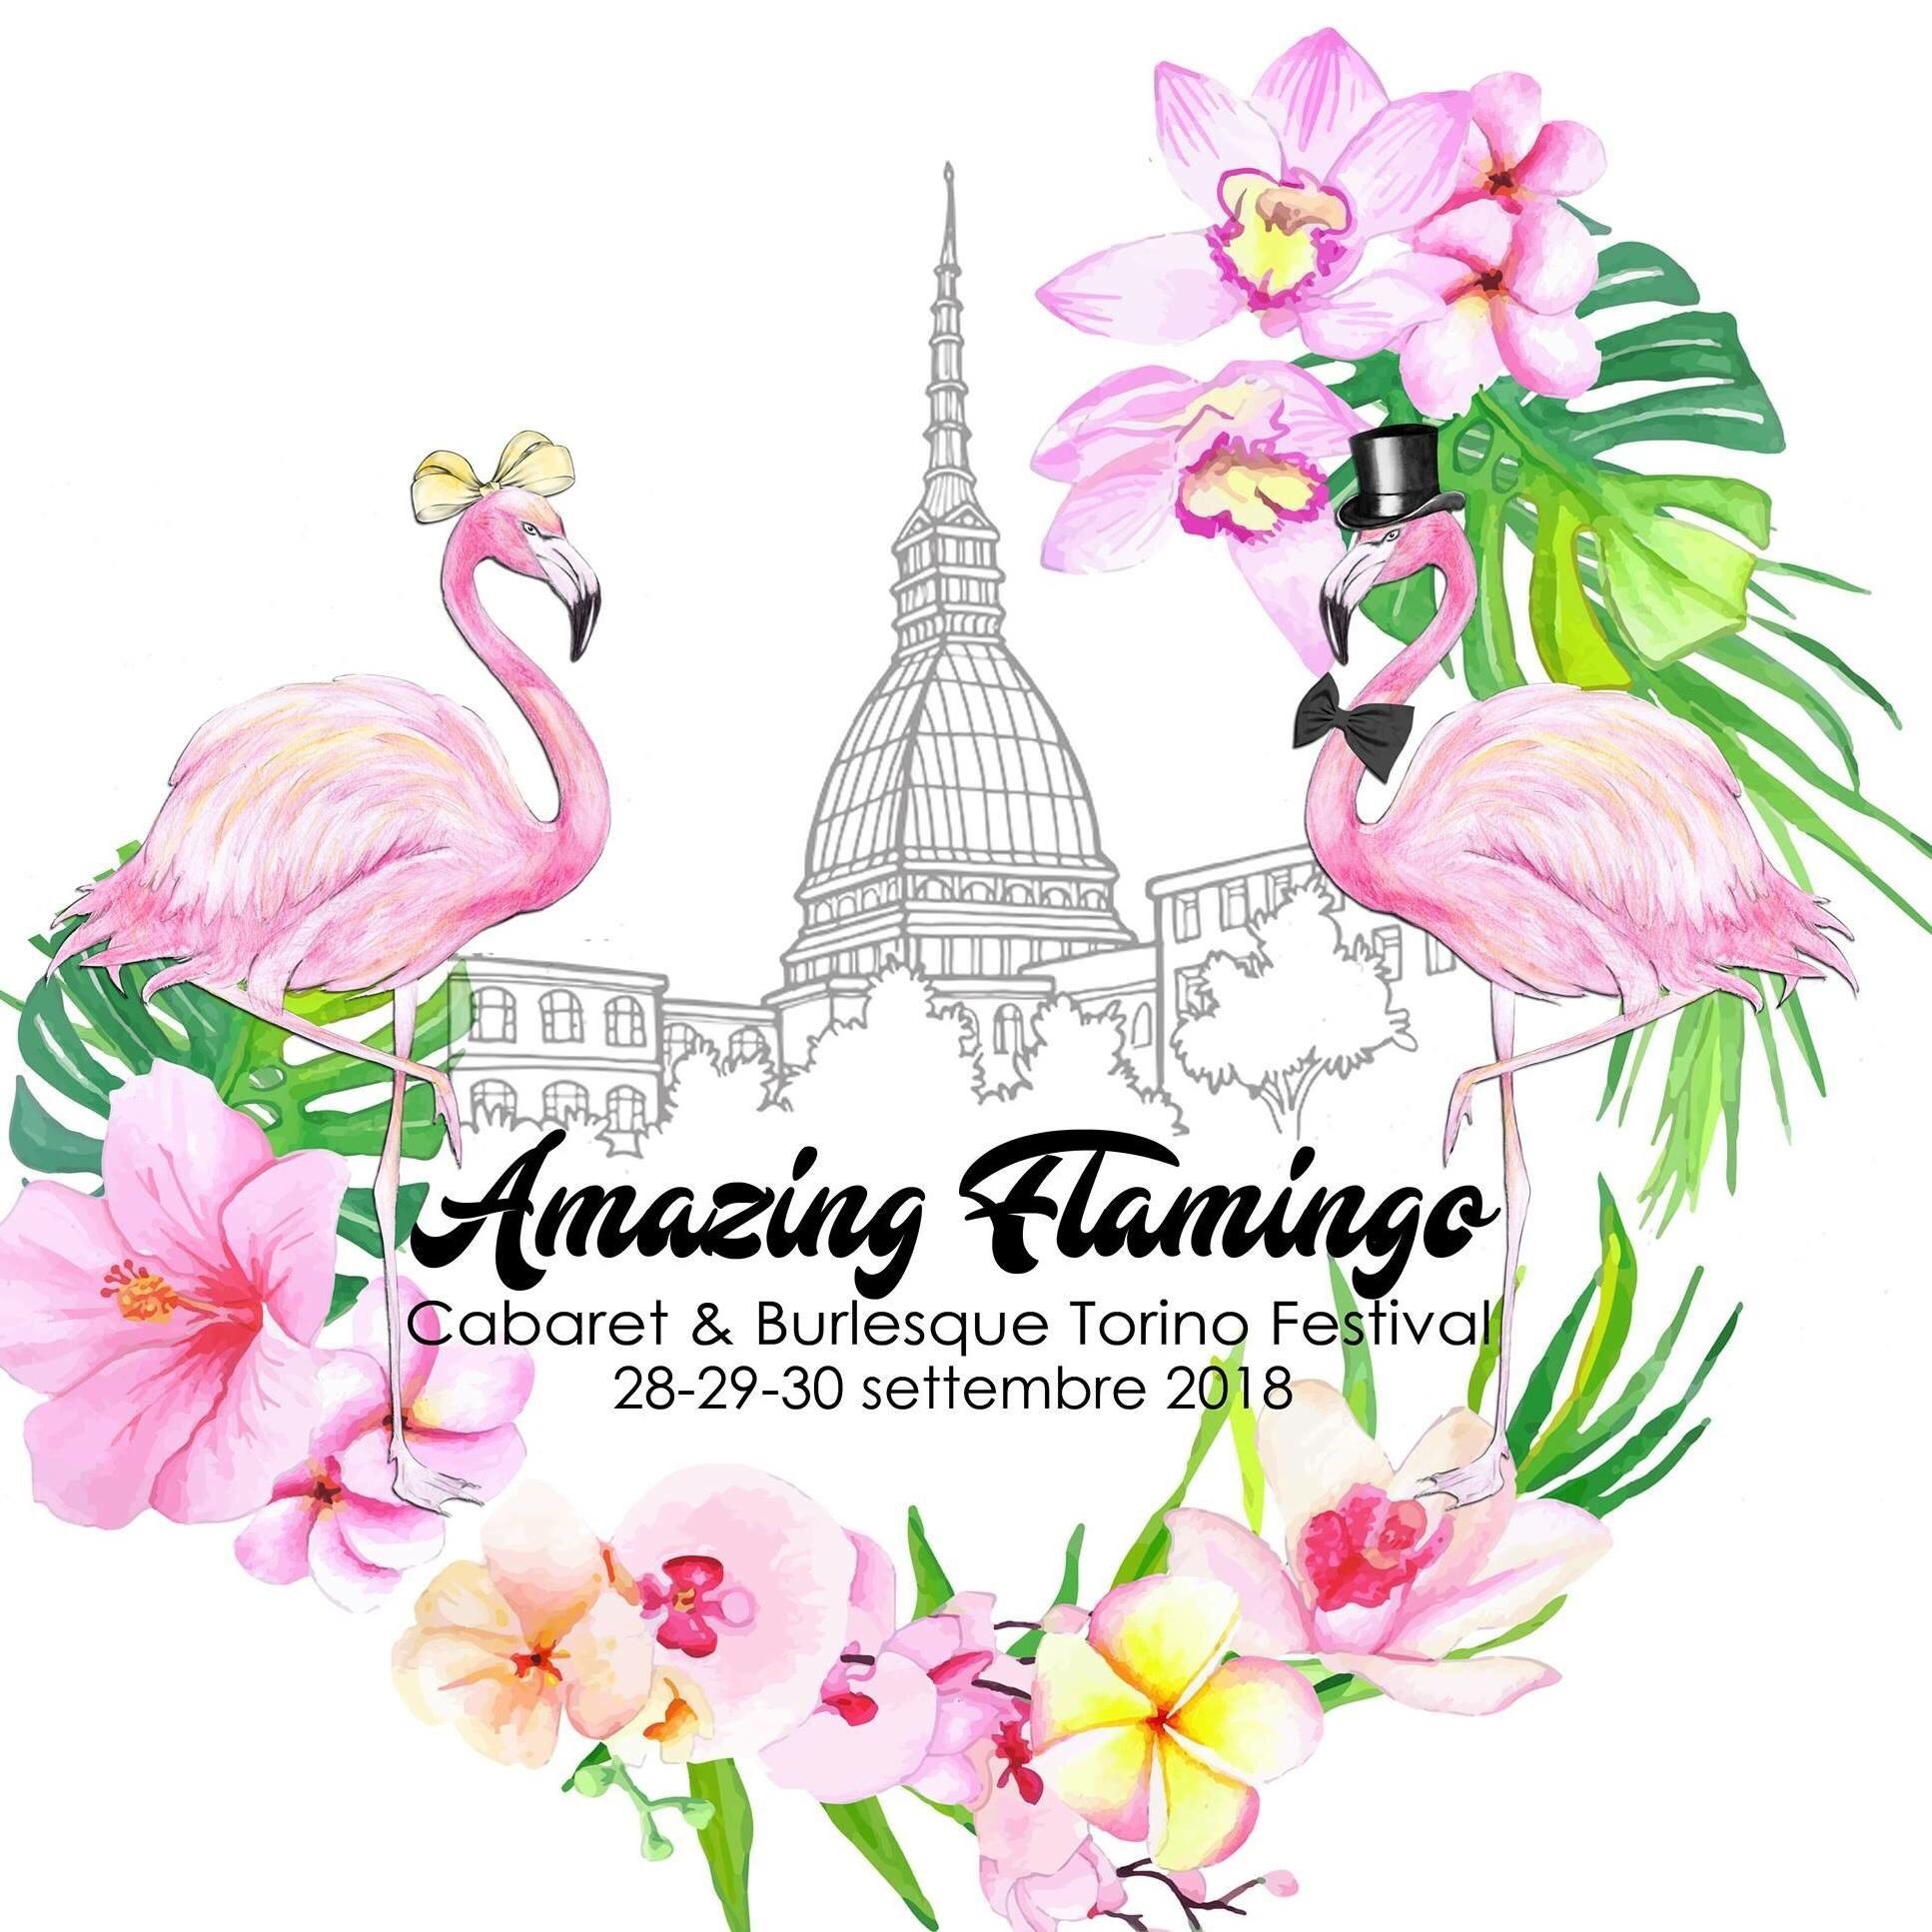 Tutto pronto per Amazing Flamingo Cabaret  Burlesque Torino Festival